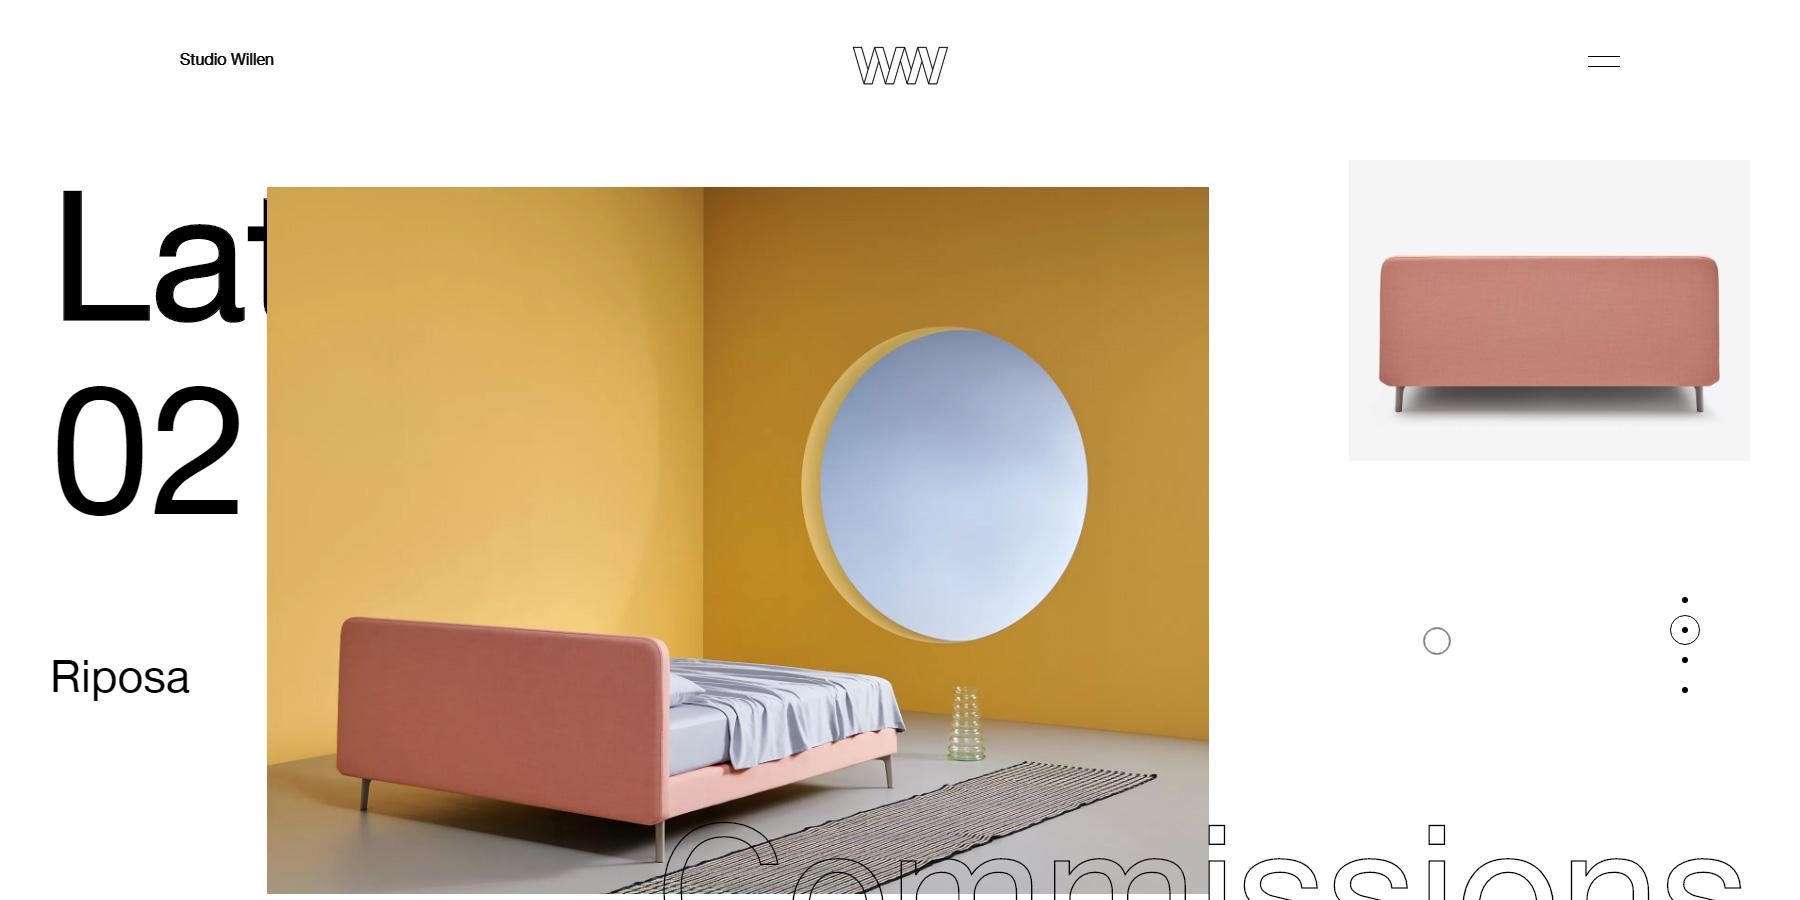 Studio Willen - Website of the Day